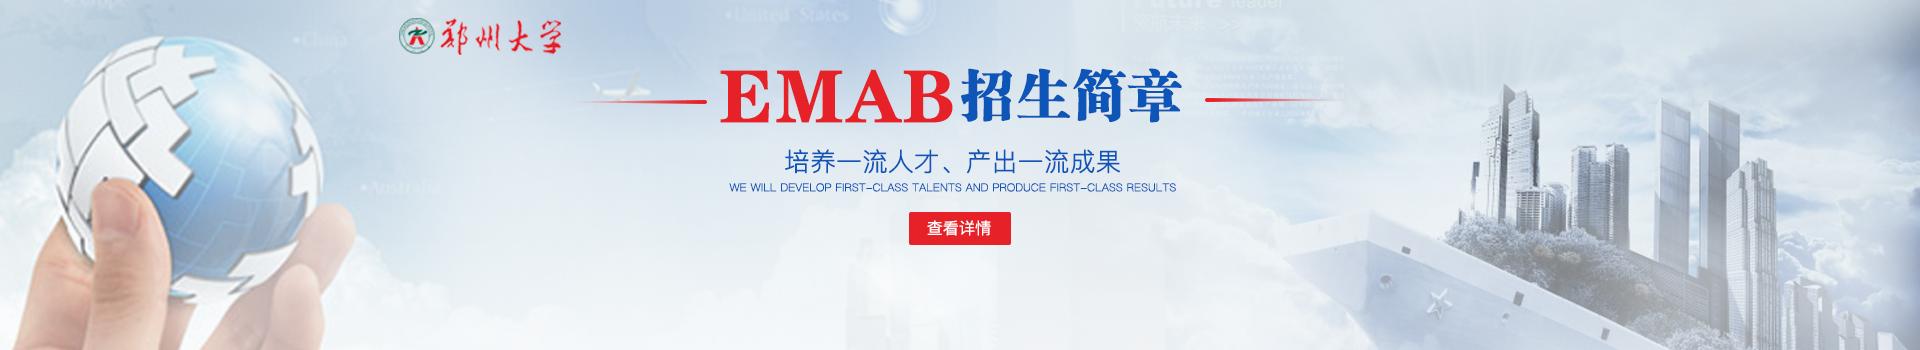 郑州大学商学院高级工商管理硕士EMBA招生简章